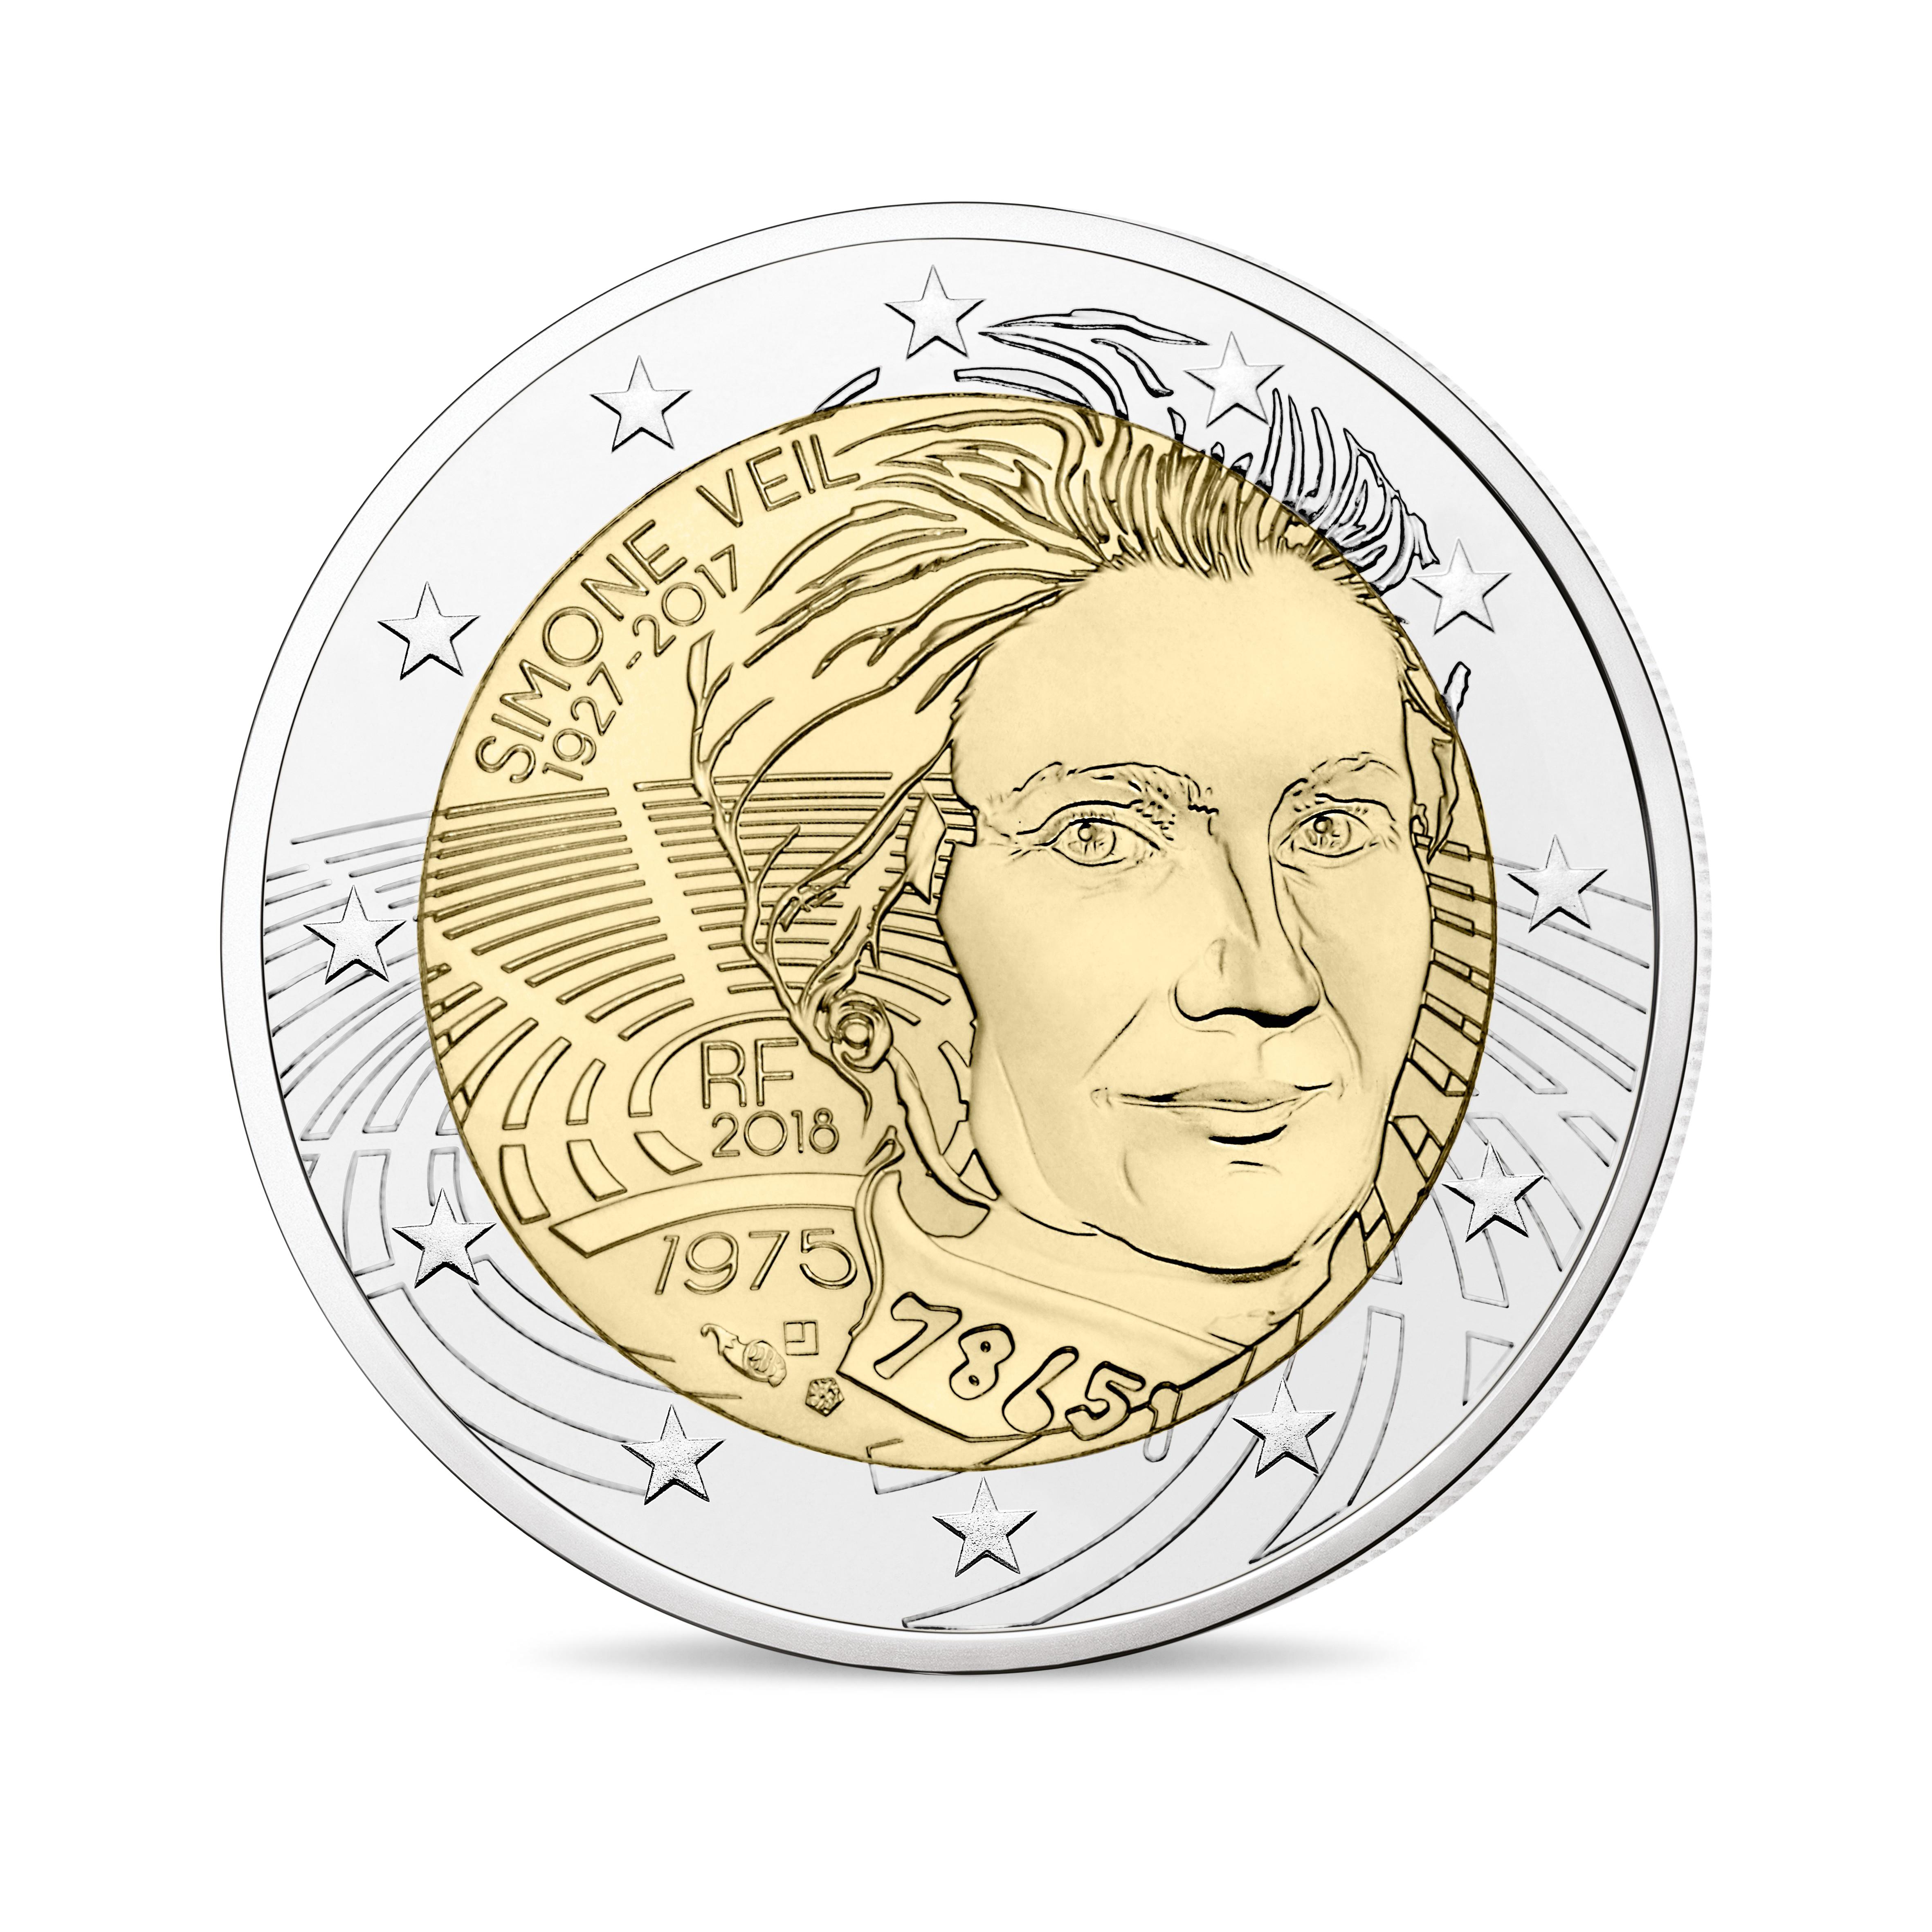 2 € 2018 Simone Veil